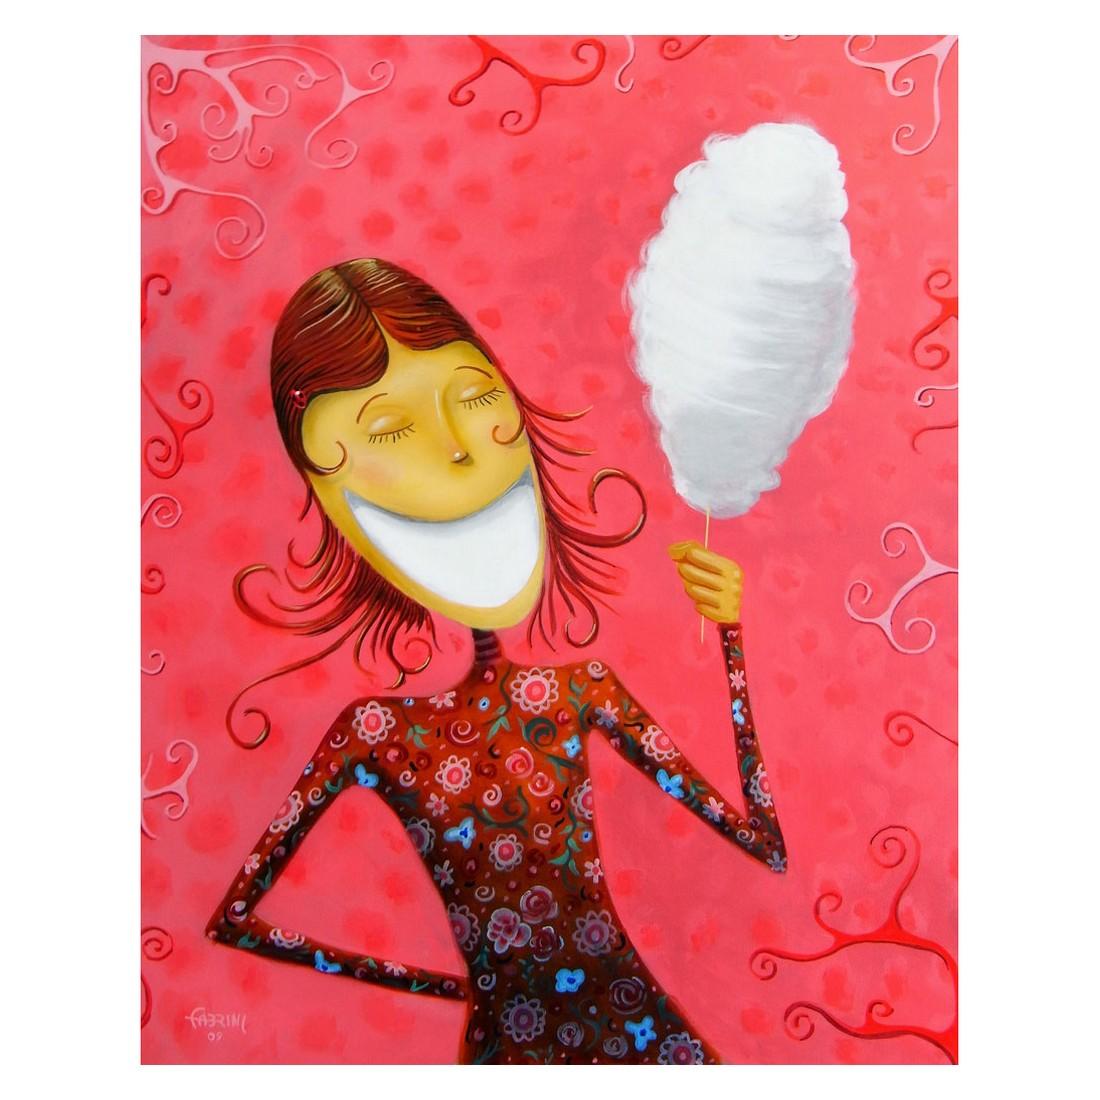 Ölgemälde Cotton Candy Girl von Fabrini Crisci – Größe 100 x 70 cm, yourPainting bestellen